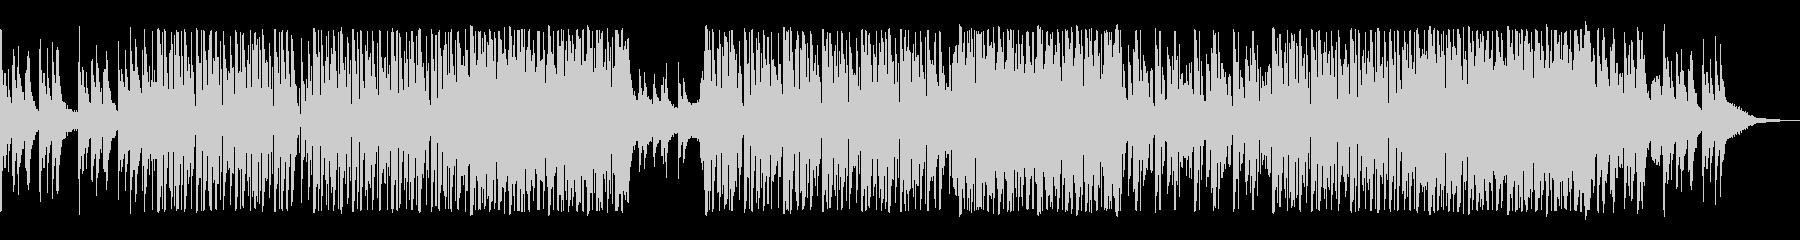 HIPHOPトラック/華やか/幻想的の未再生の波形